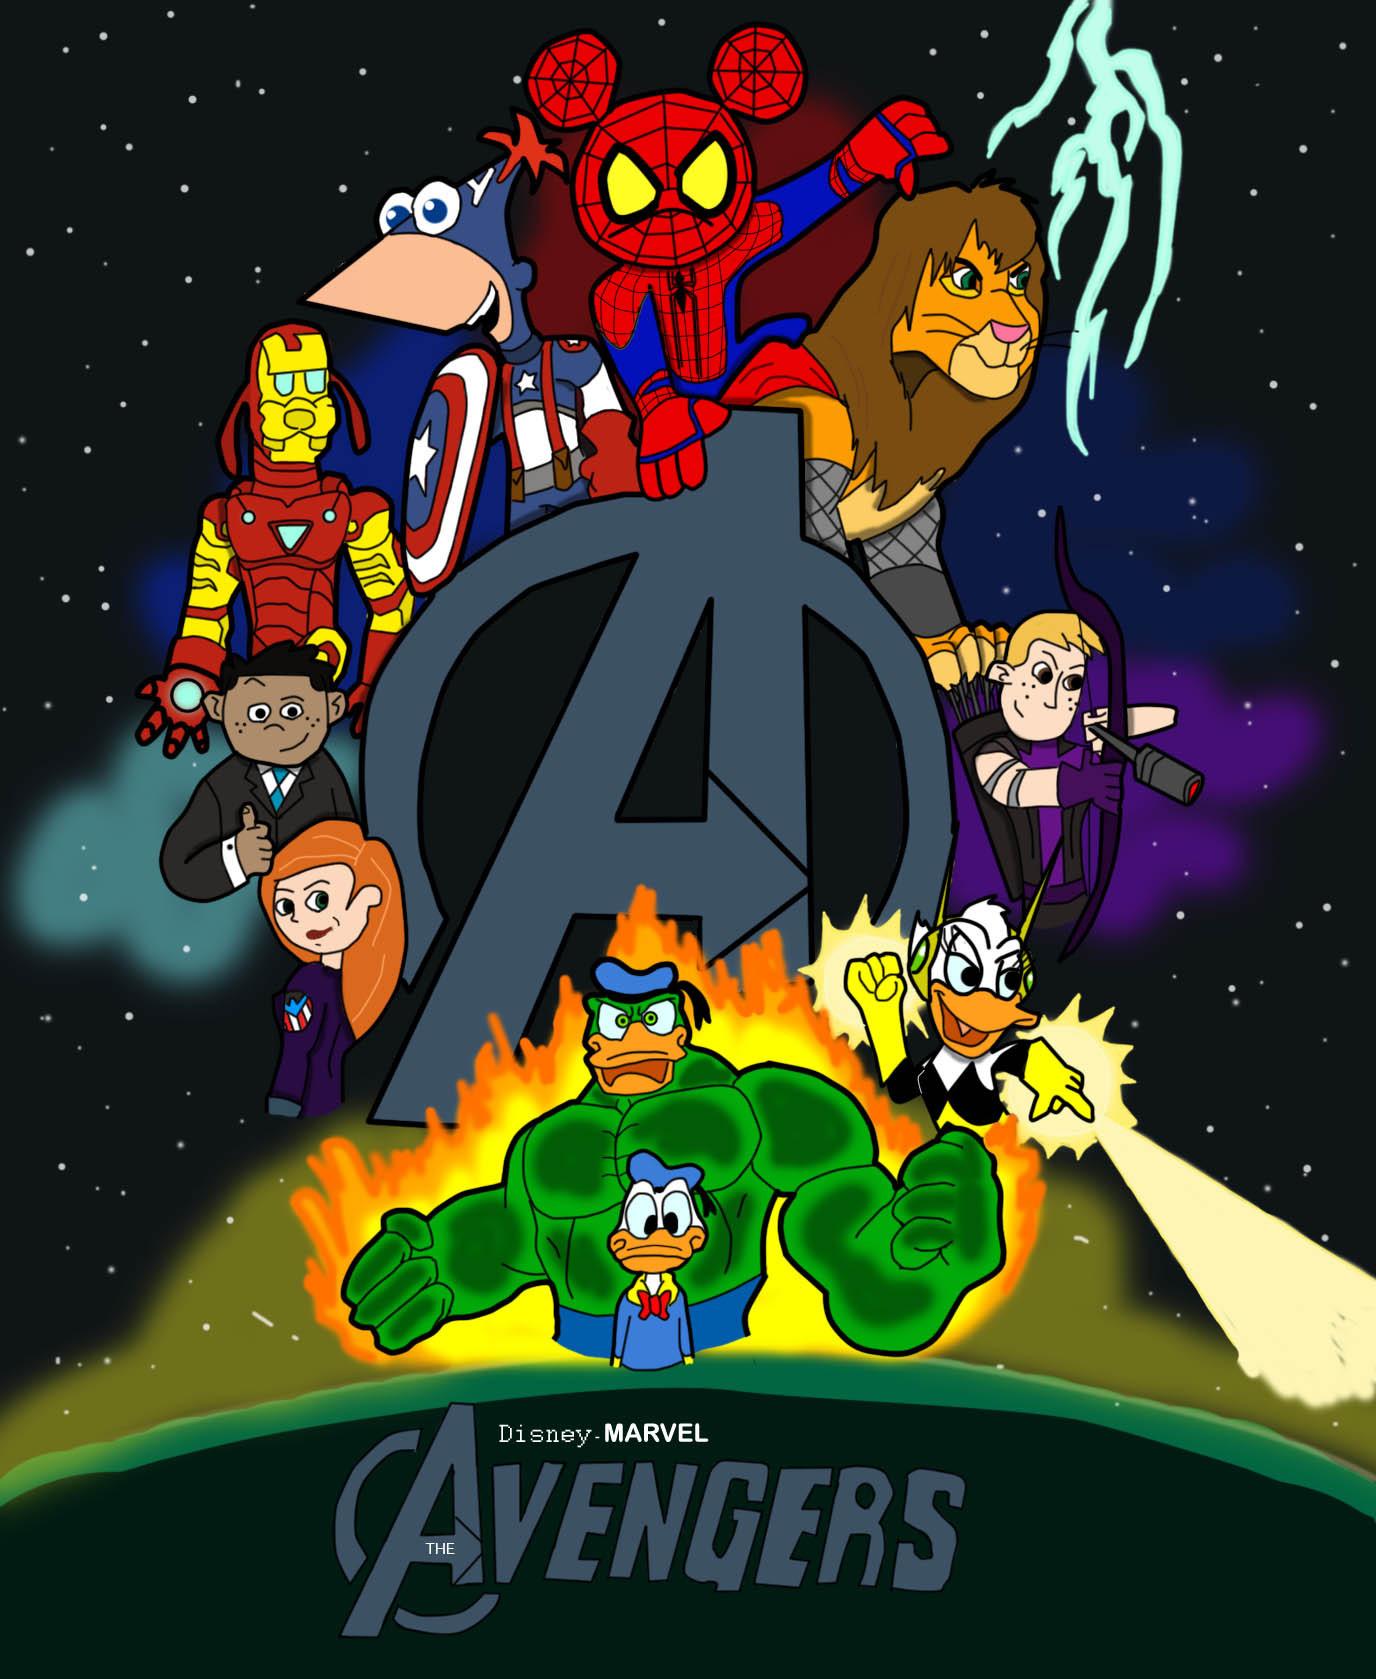 Disney-Marvel Avengers Poster by CKstudios